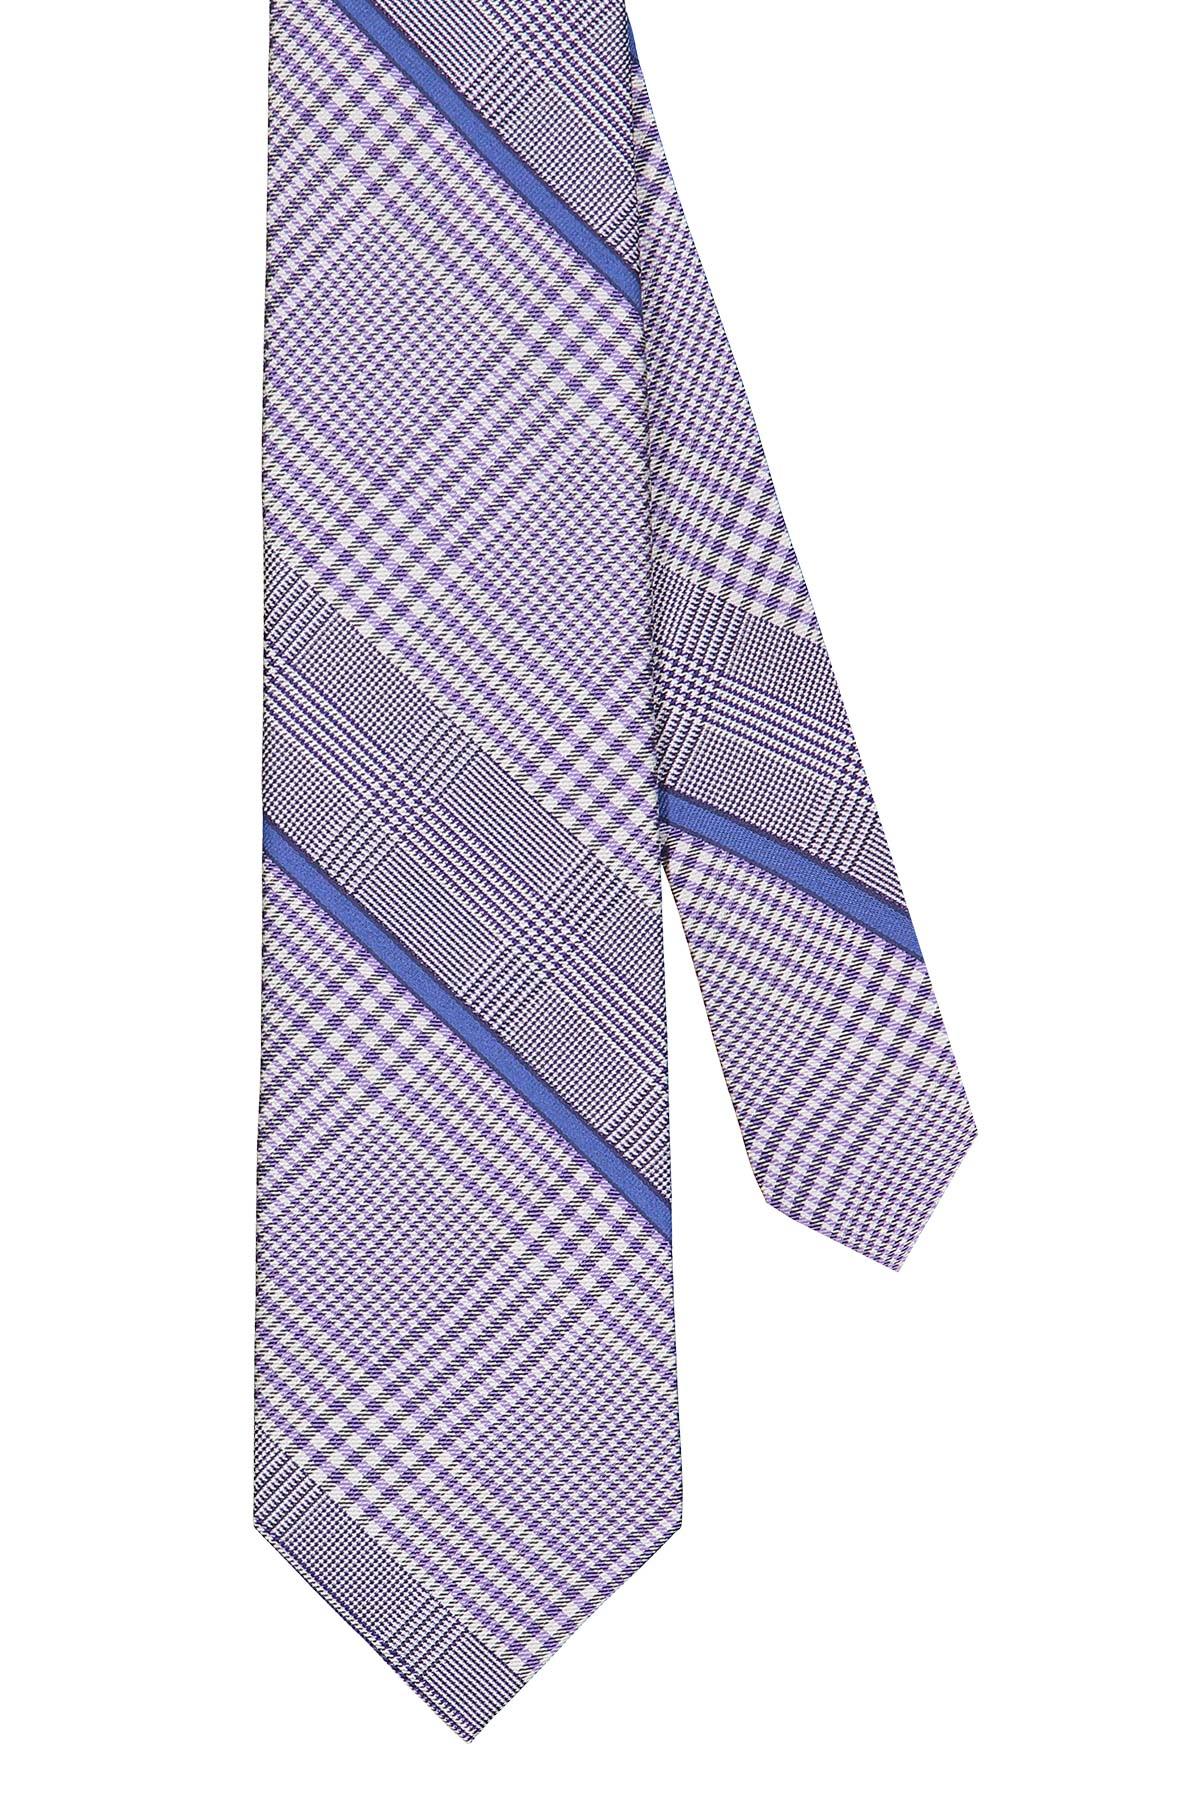 Corbata Calvin Klein, seda y algodón, escoces y cuadros en color lila